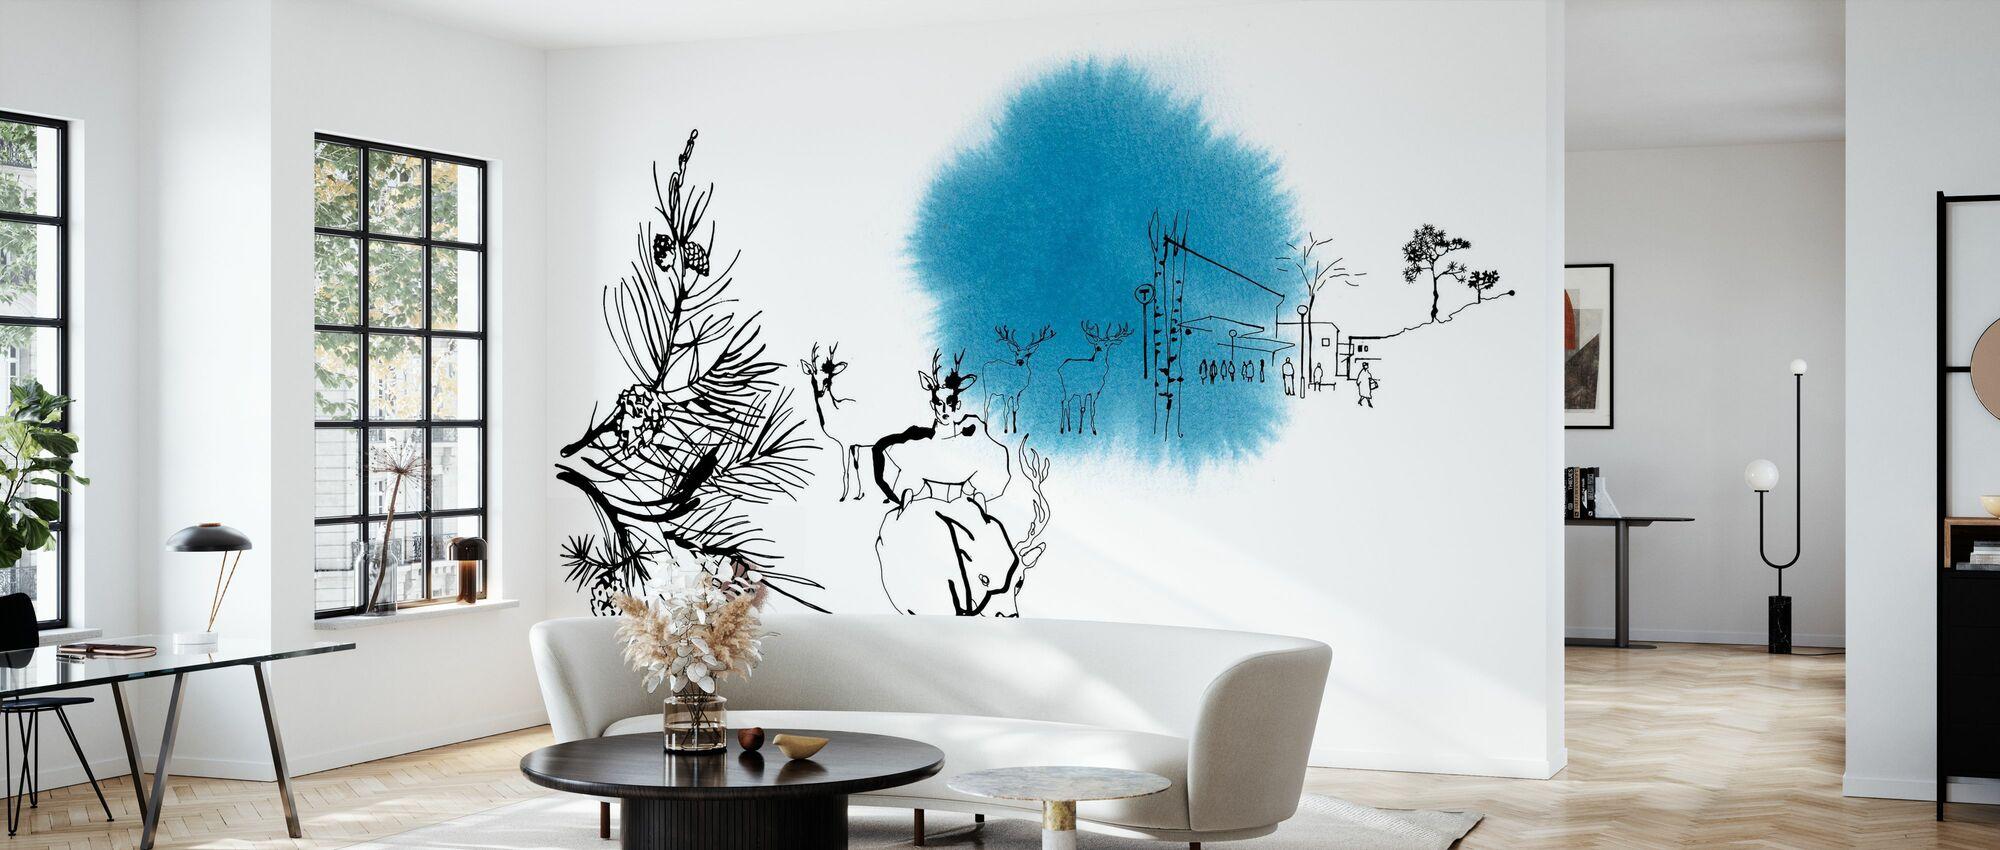 Björkhagen - Wallpaper - Living Room